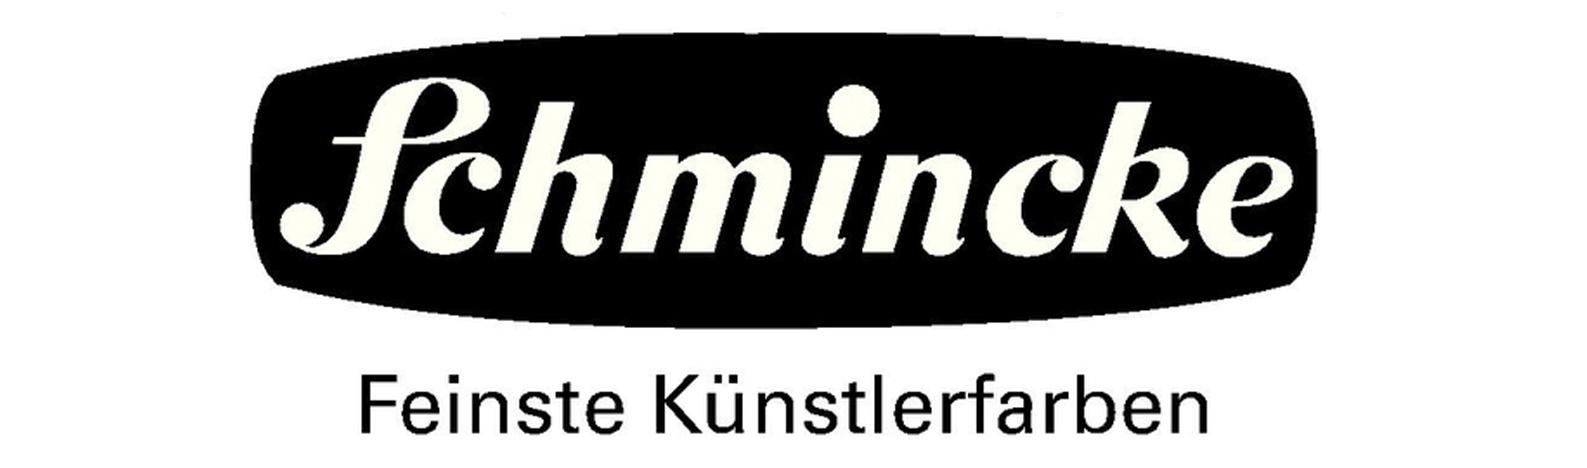 Schmincke Logo